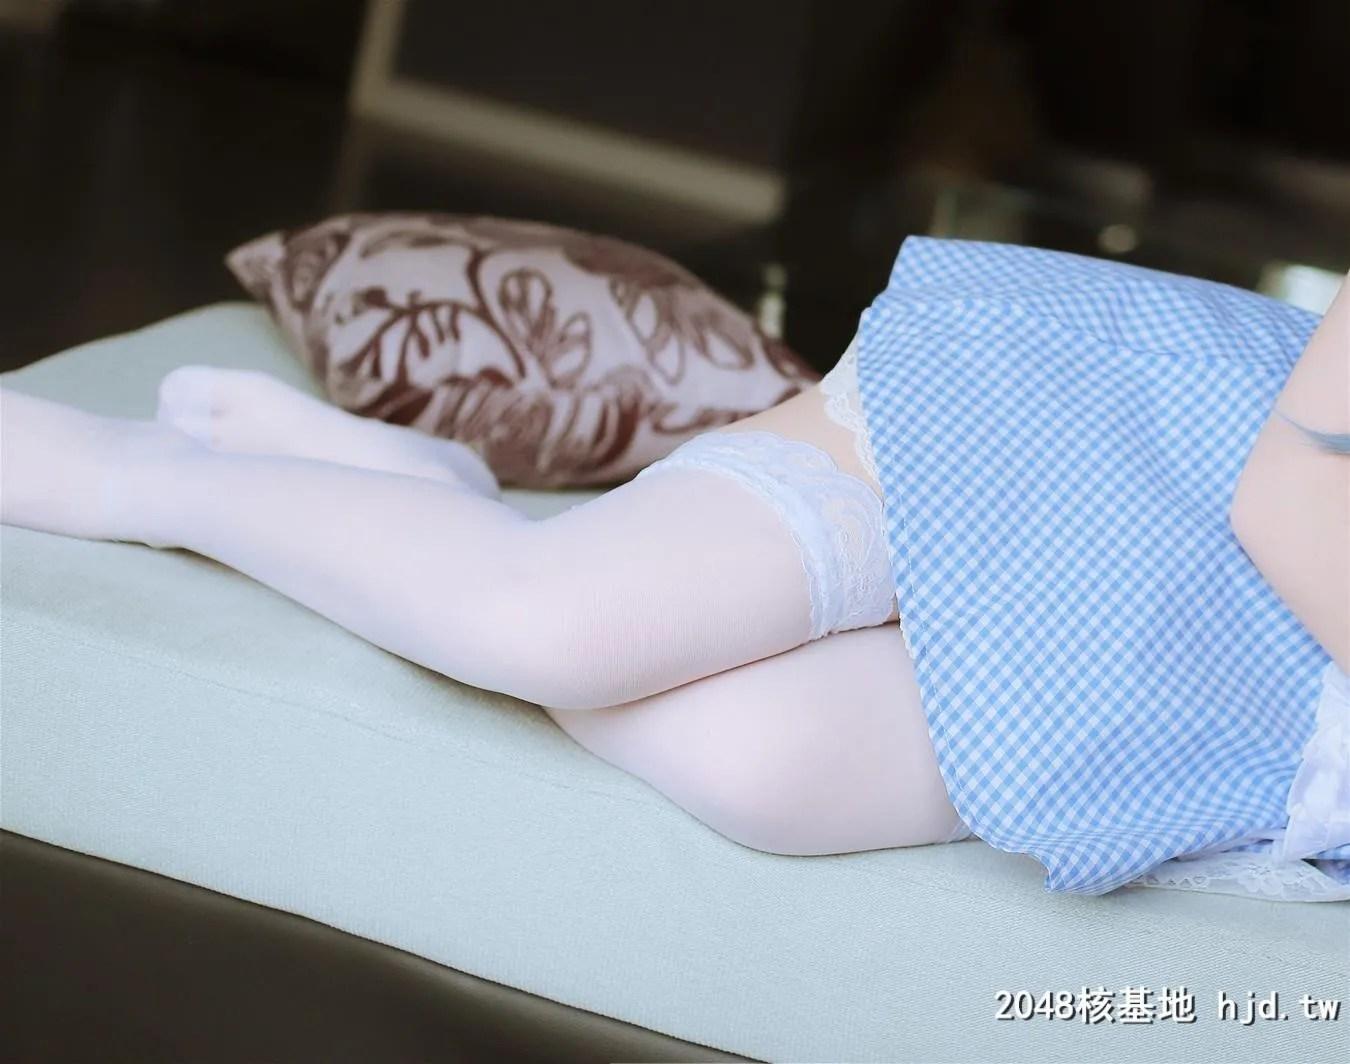 【日奈娇】 蓝色女仆 [46P]插图(2)